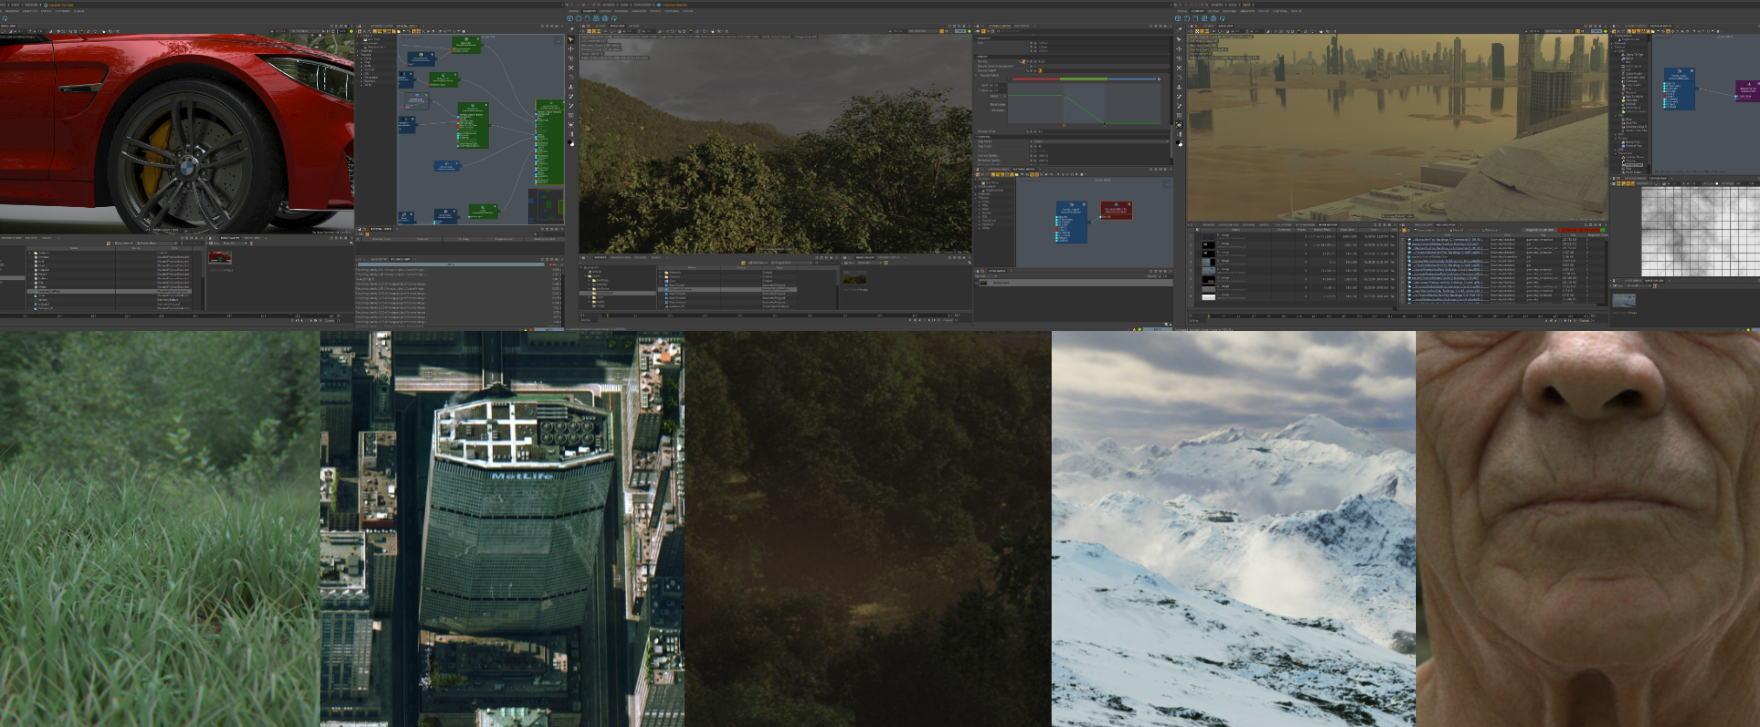 Proteus VFX